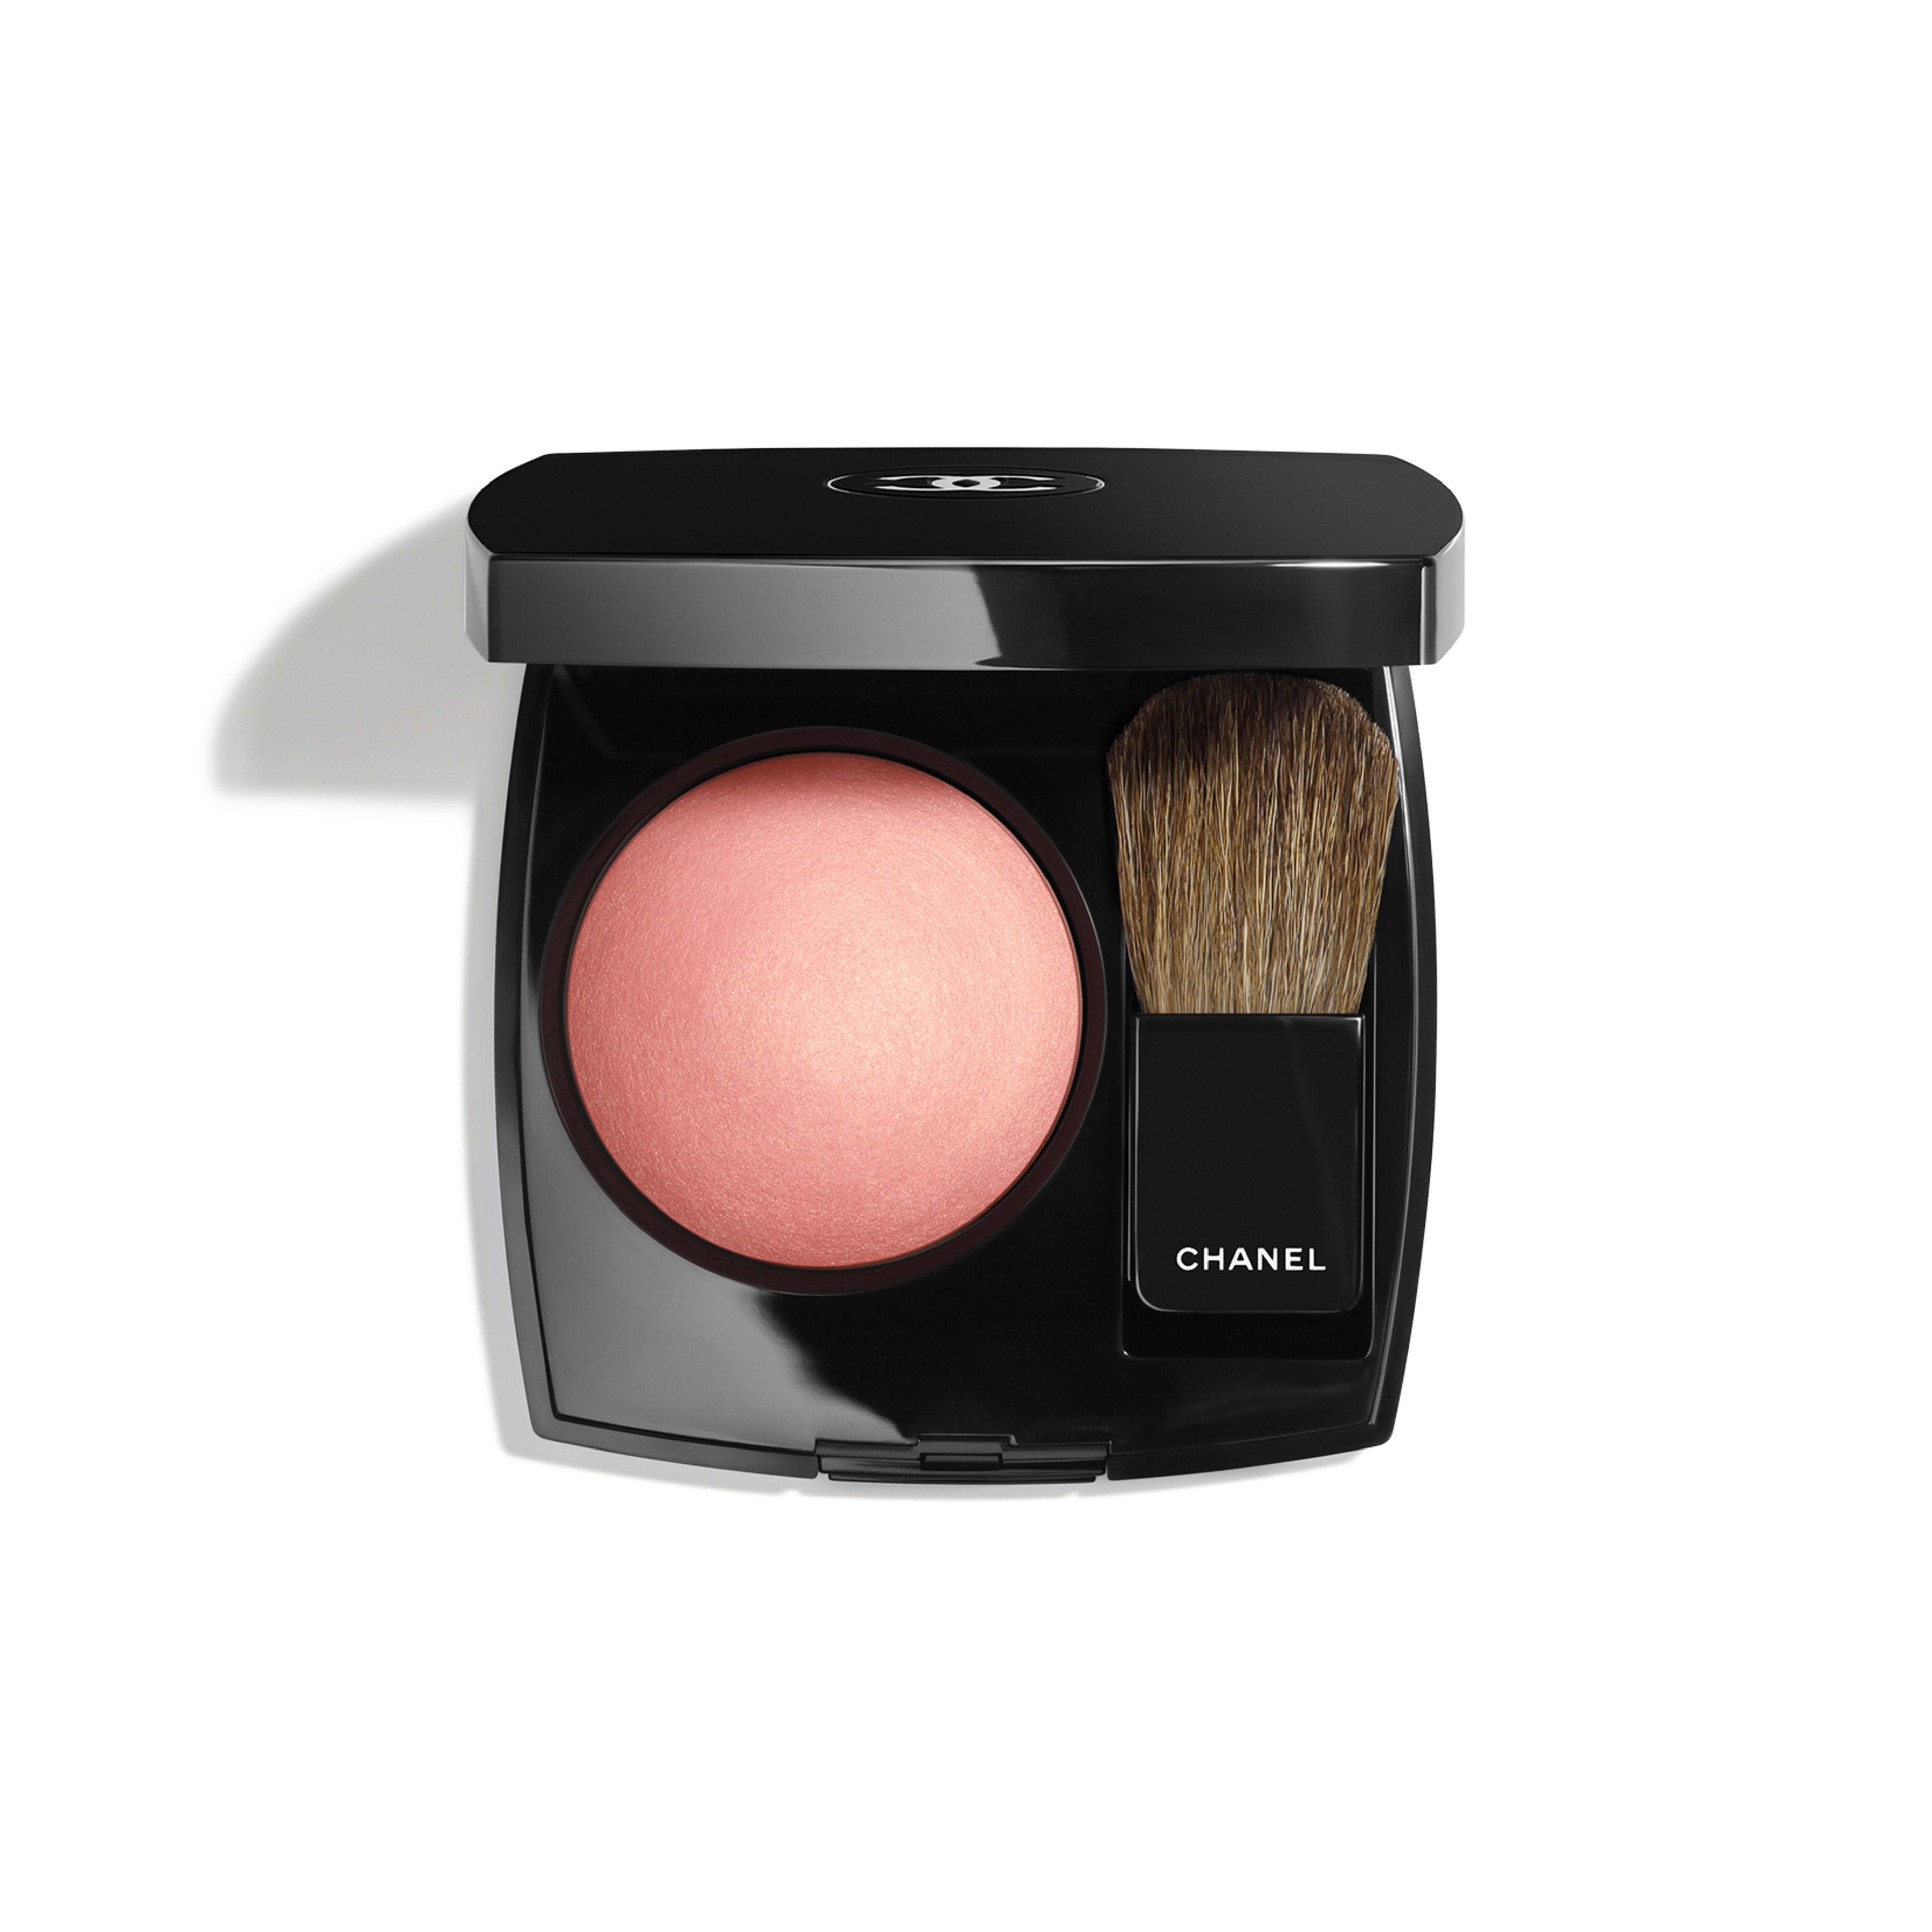 JOUES CONTRASTE - makeup - 0.14OZ. - Default view